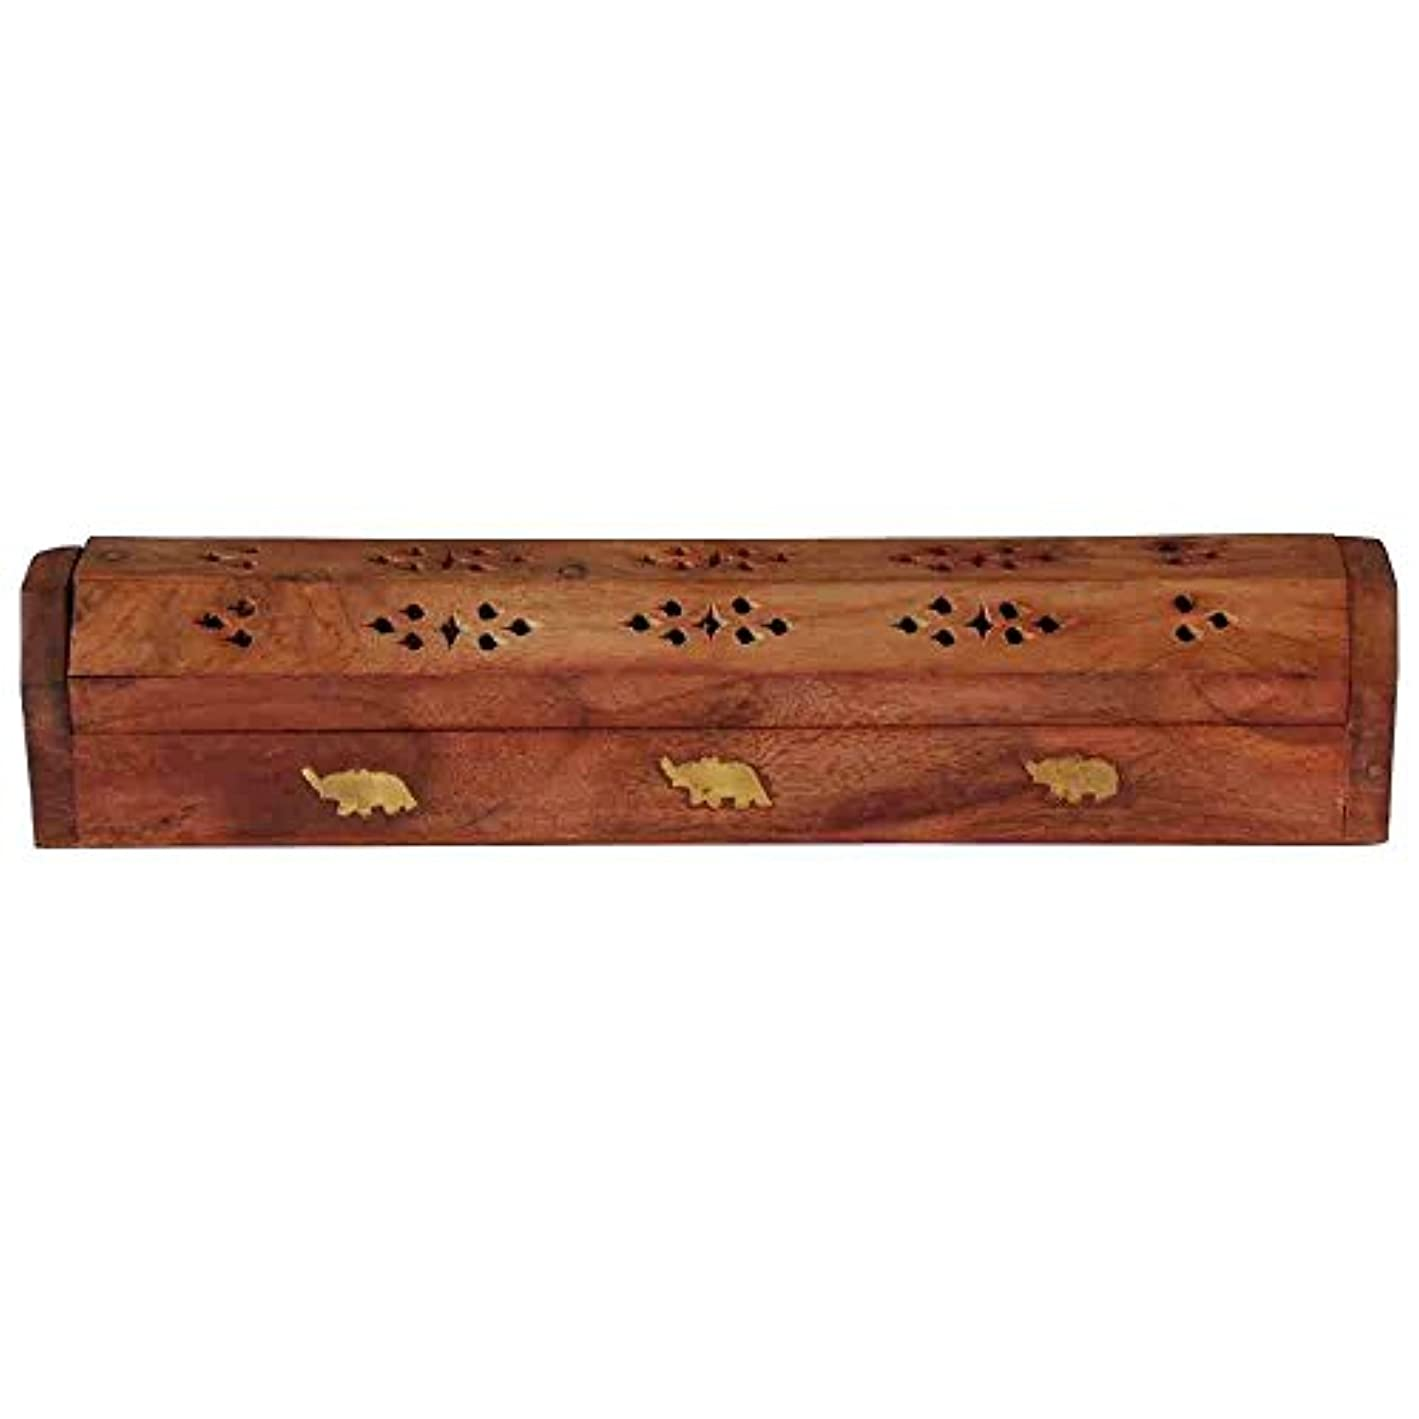 卒業記念アルバムにぎやか発火するホームDecor Wooden Carved Incense Sticks Burner Ashキャッチャーホルダー、木製の棺香炉